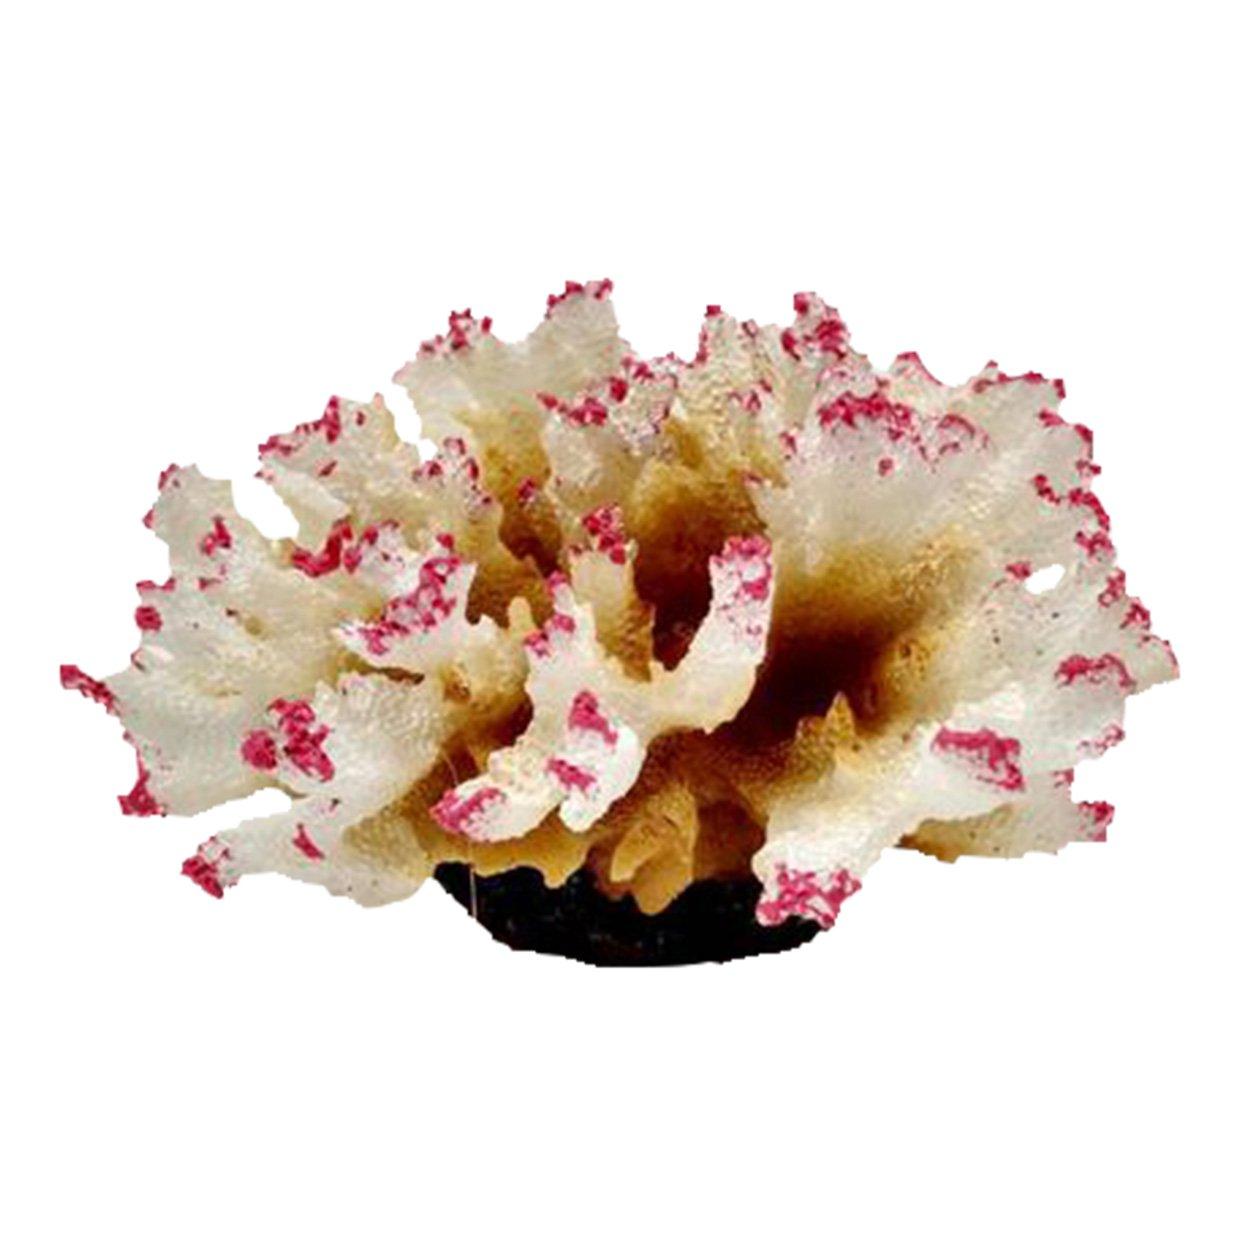 Underwater Treasures Aussie Branch Coral - White